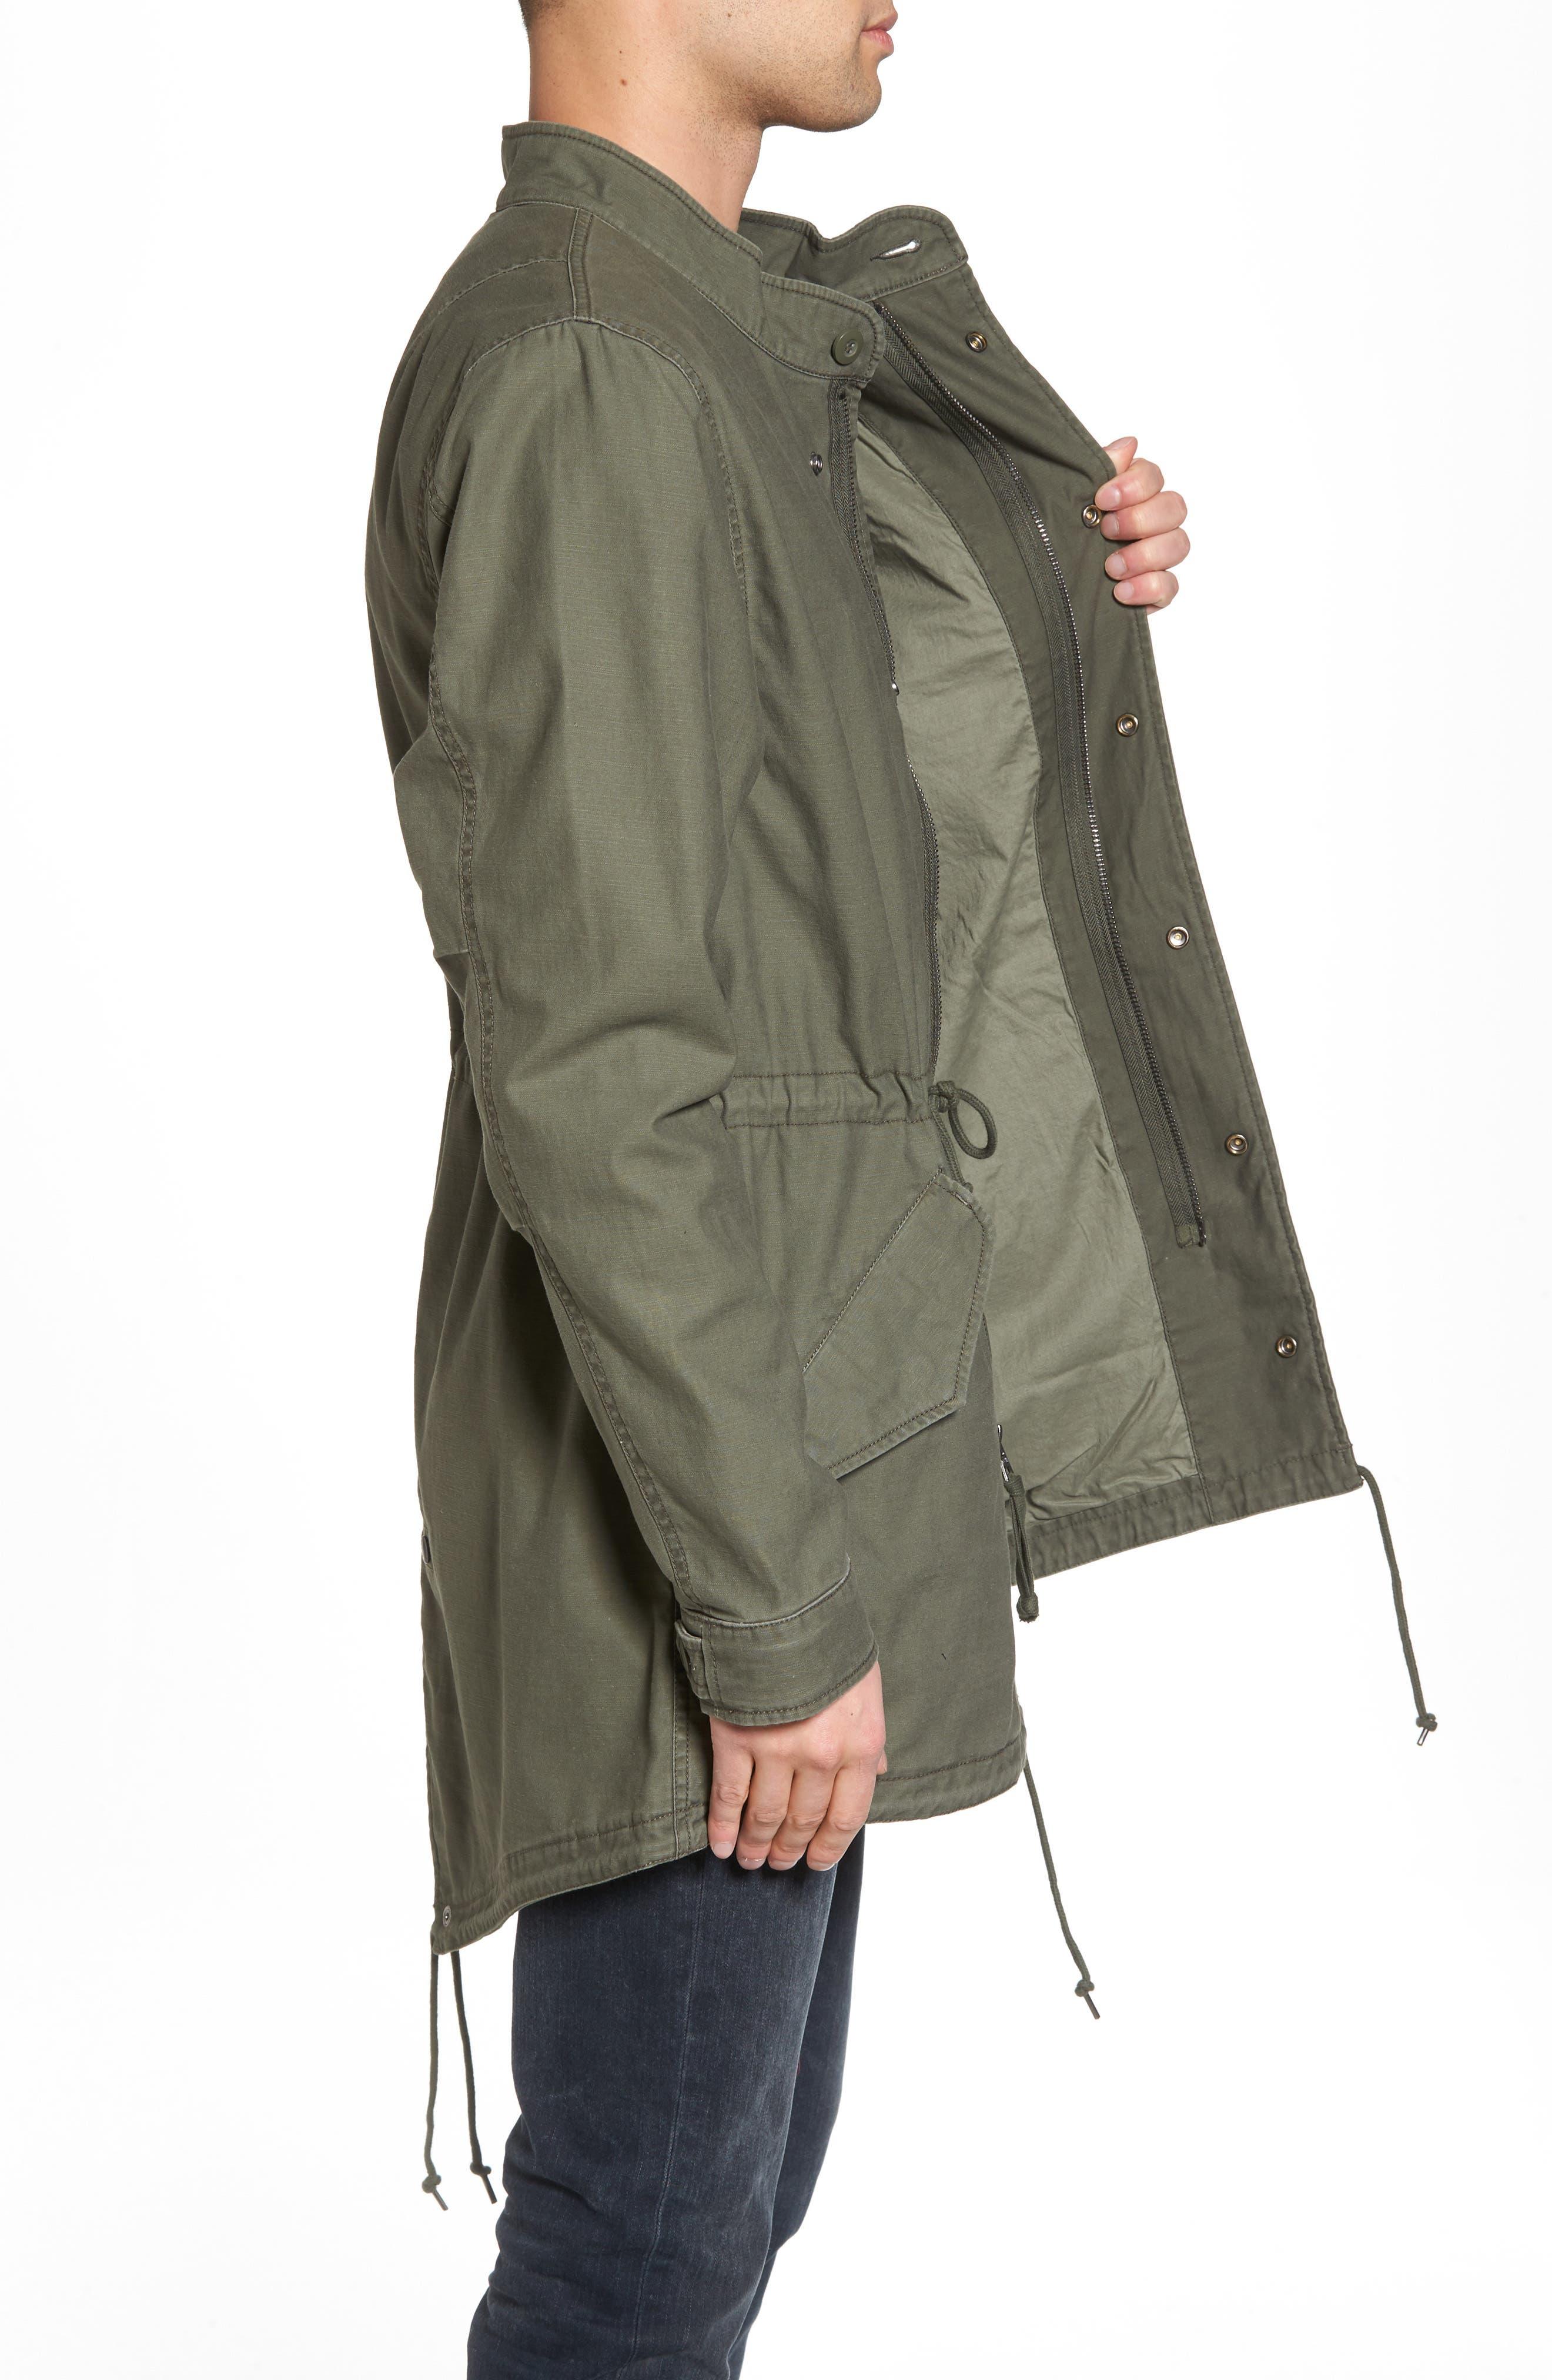 Recruit Fishtail Jacket,                             Alternate thumbnail 3, color,                             M-65 Olive